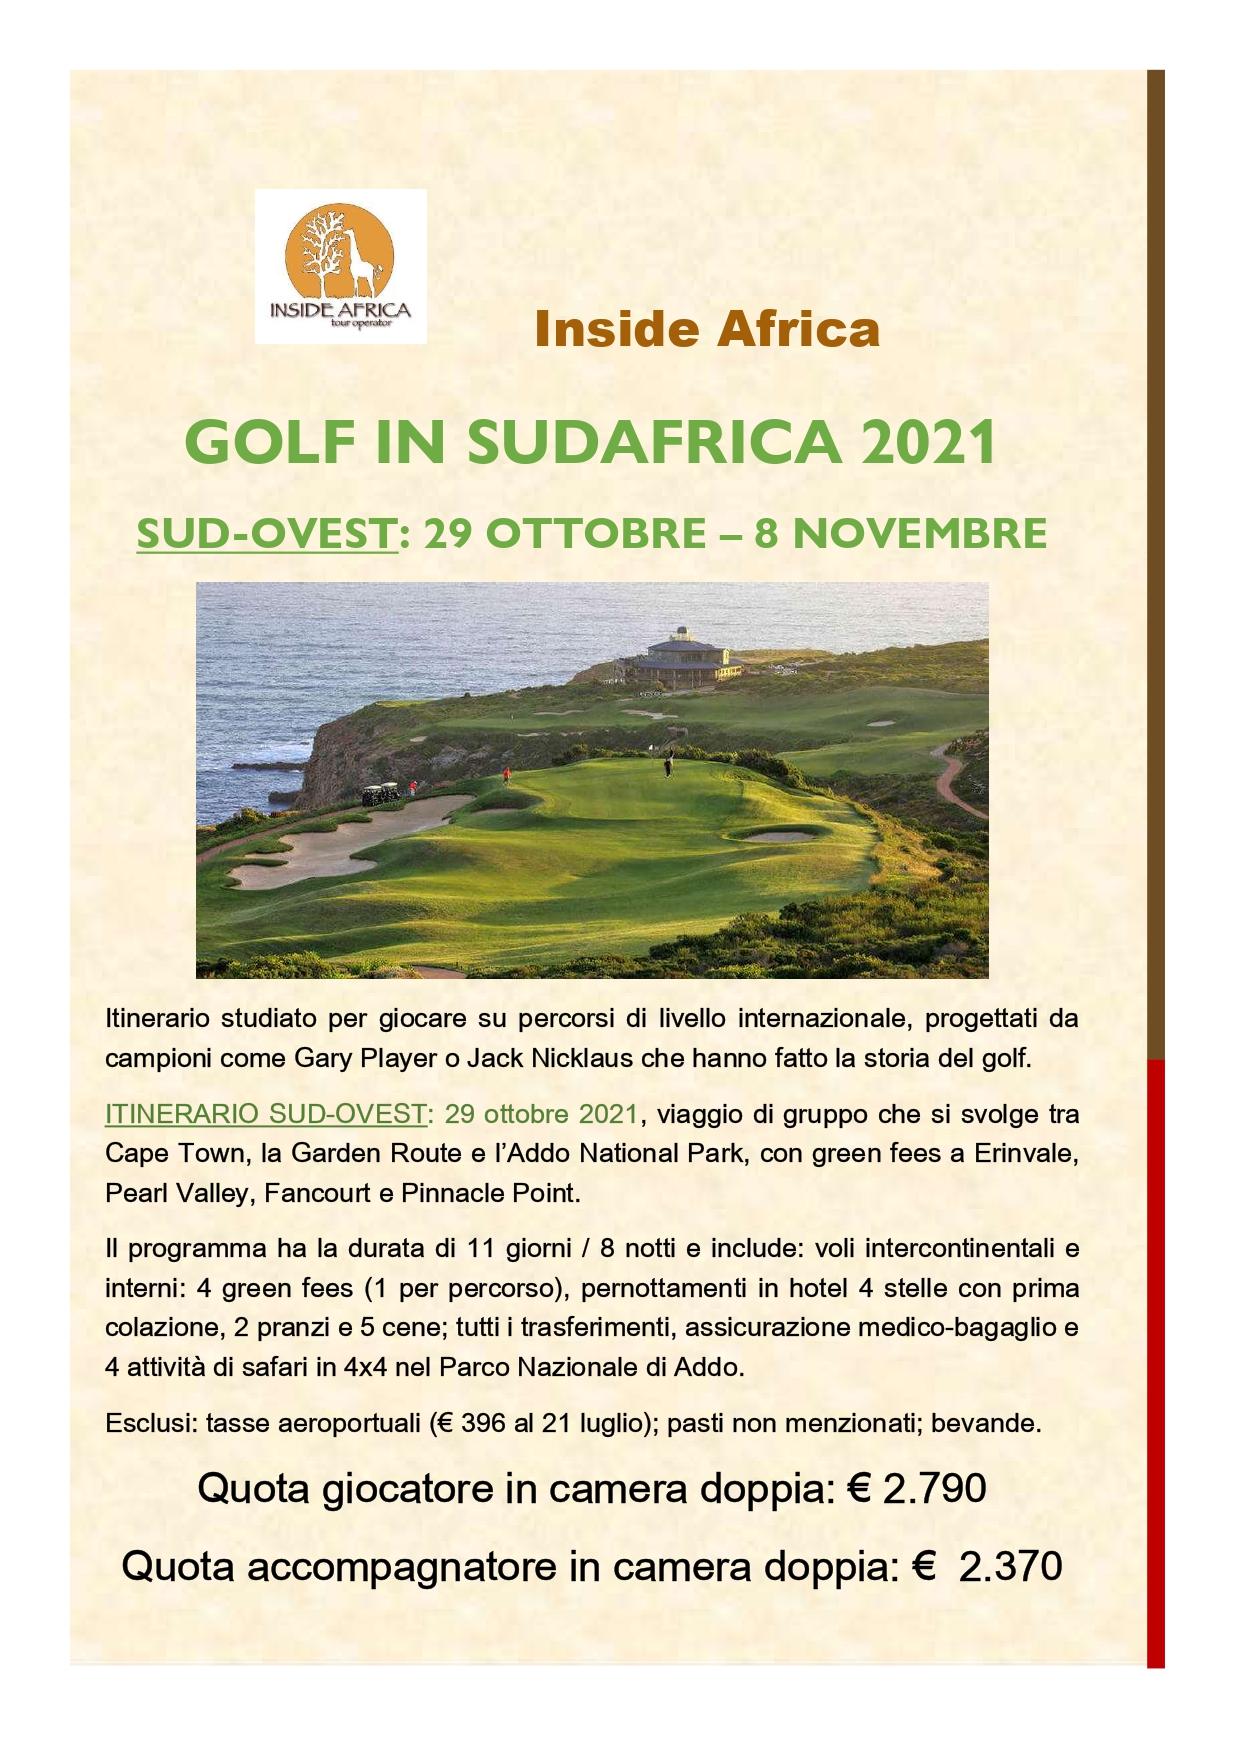 sudafrica-golf-29-ottobre-2021-sud-ovest